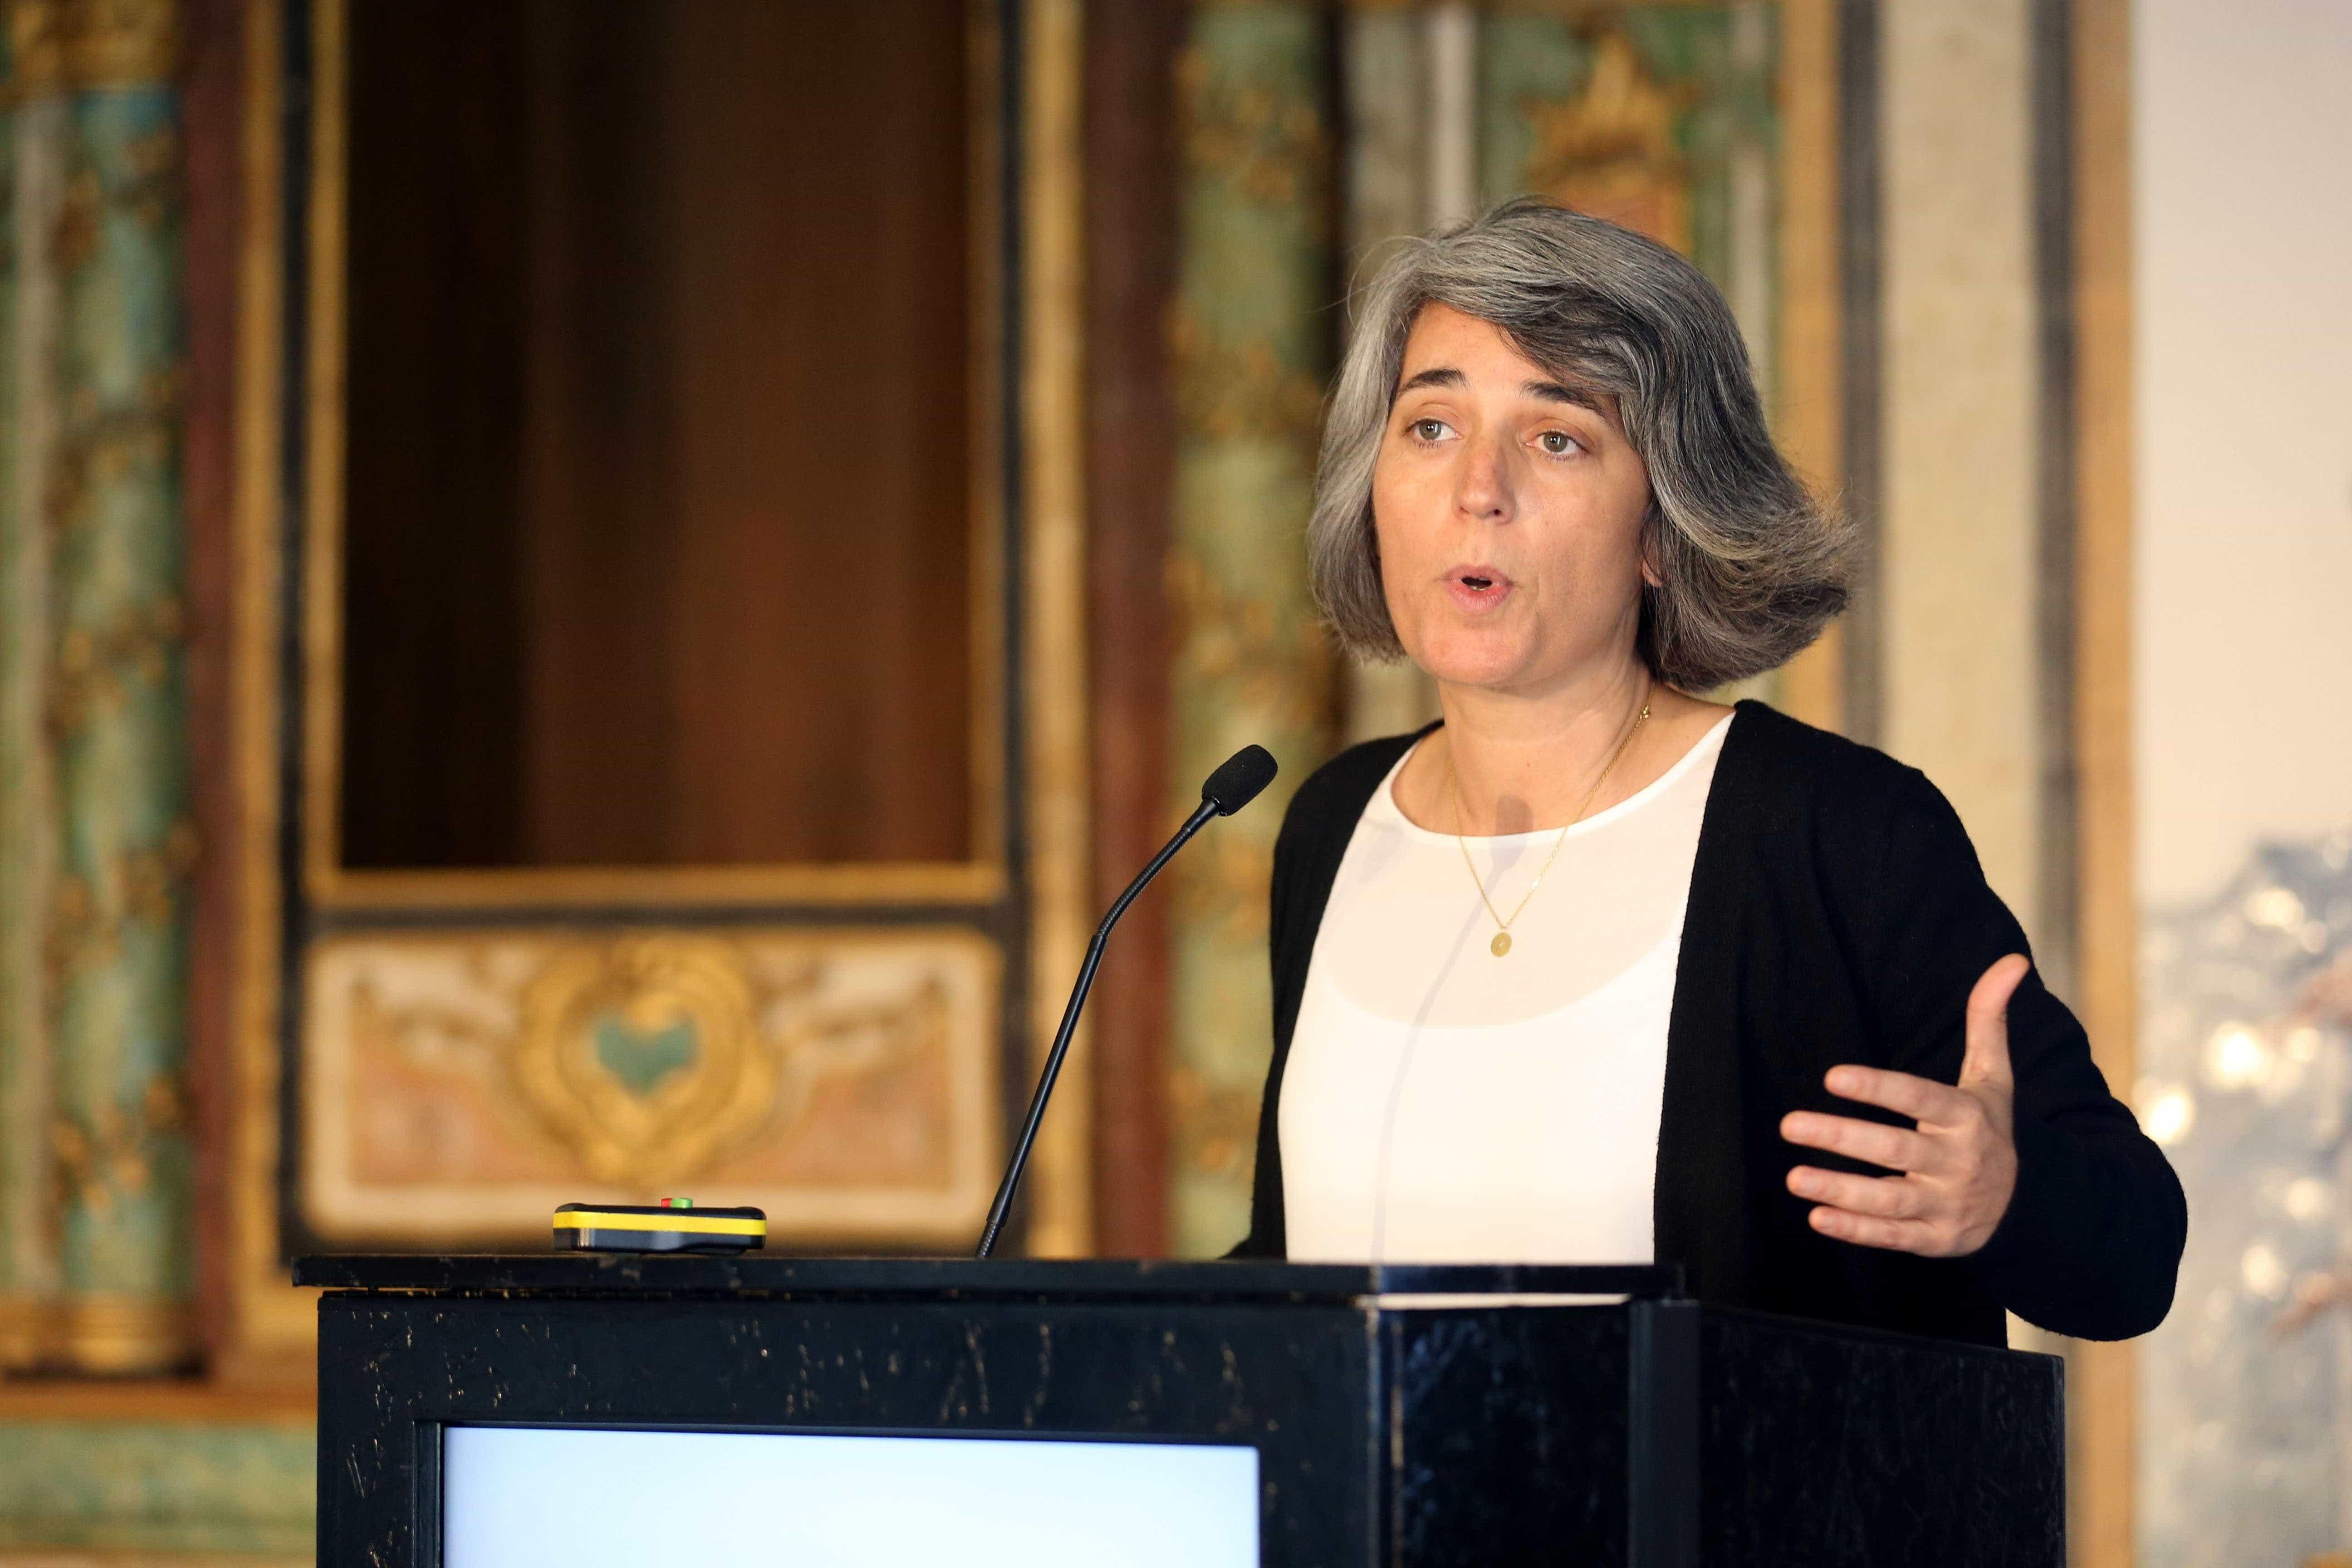 Museus vão vender lápis com versos de 12 poetas portugueses